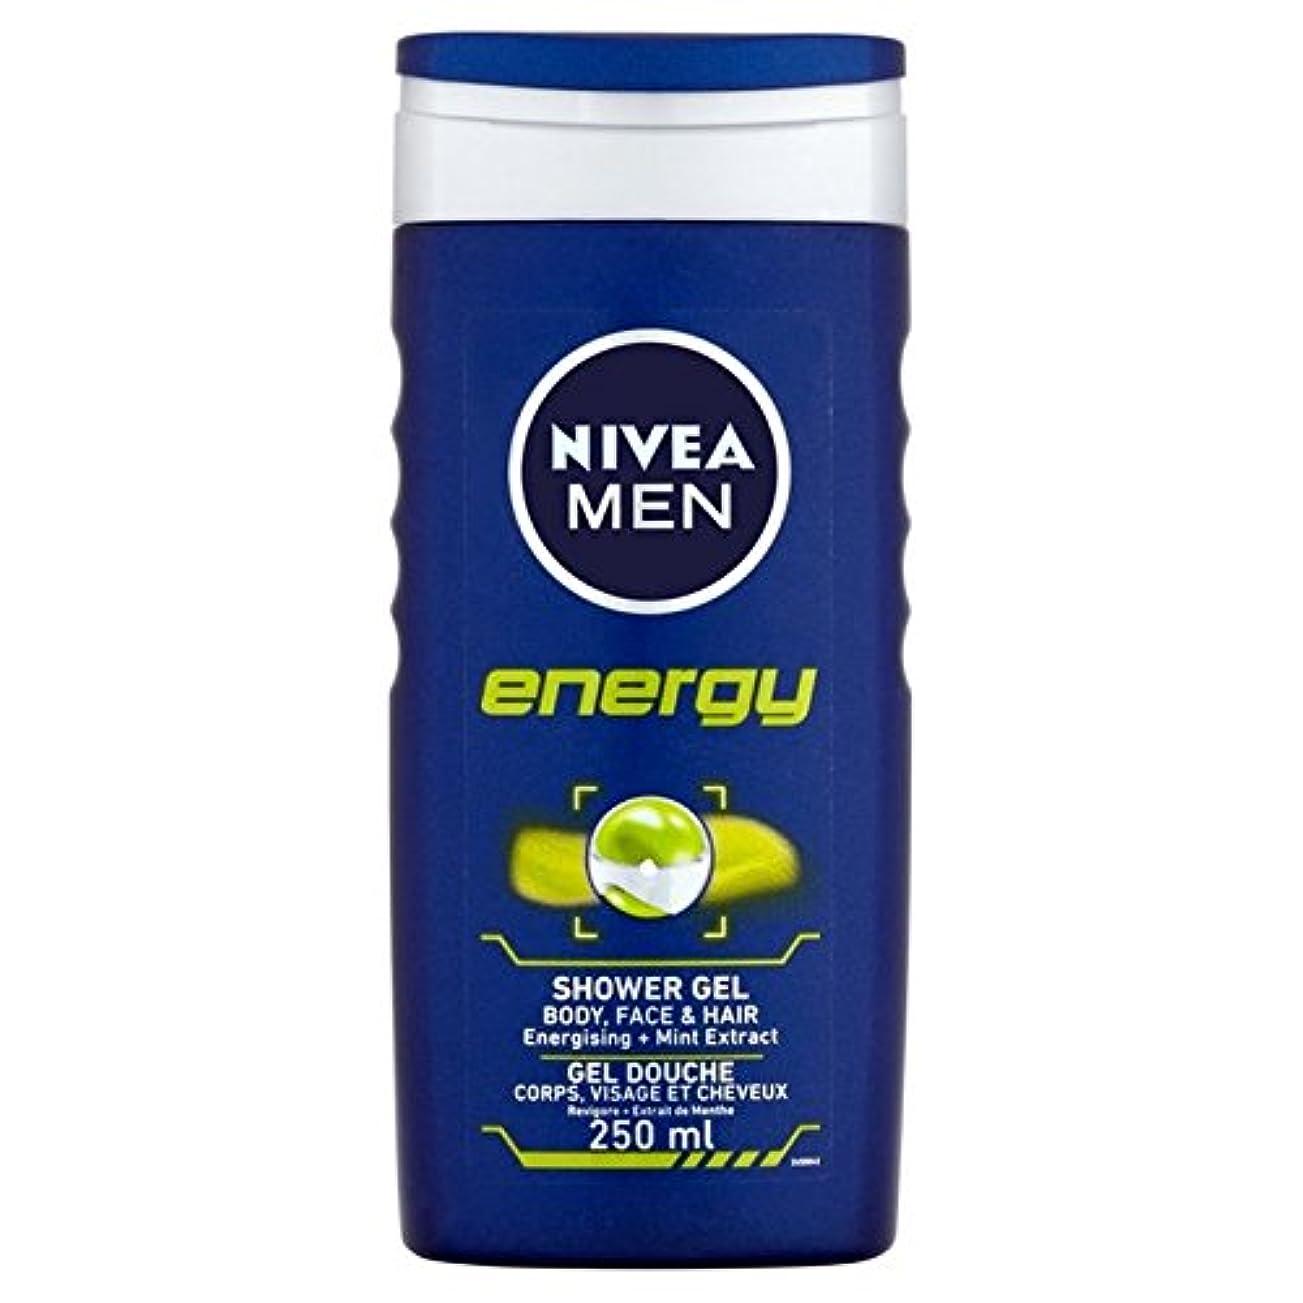 道を作る浸す守銭奴Nivea Men Energy 2 in 1 Shower 250ml - 1つのシャワー250ミリリットル中ニベアの男性のエネルギー2 [並行輸入品]